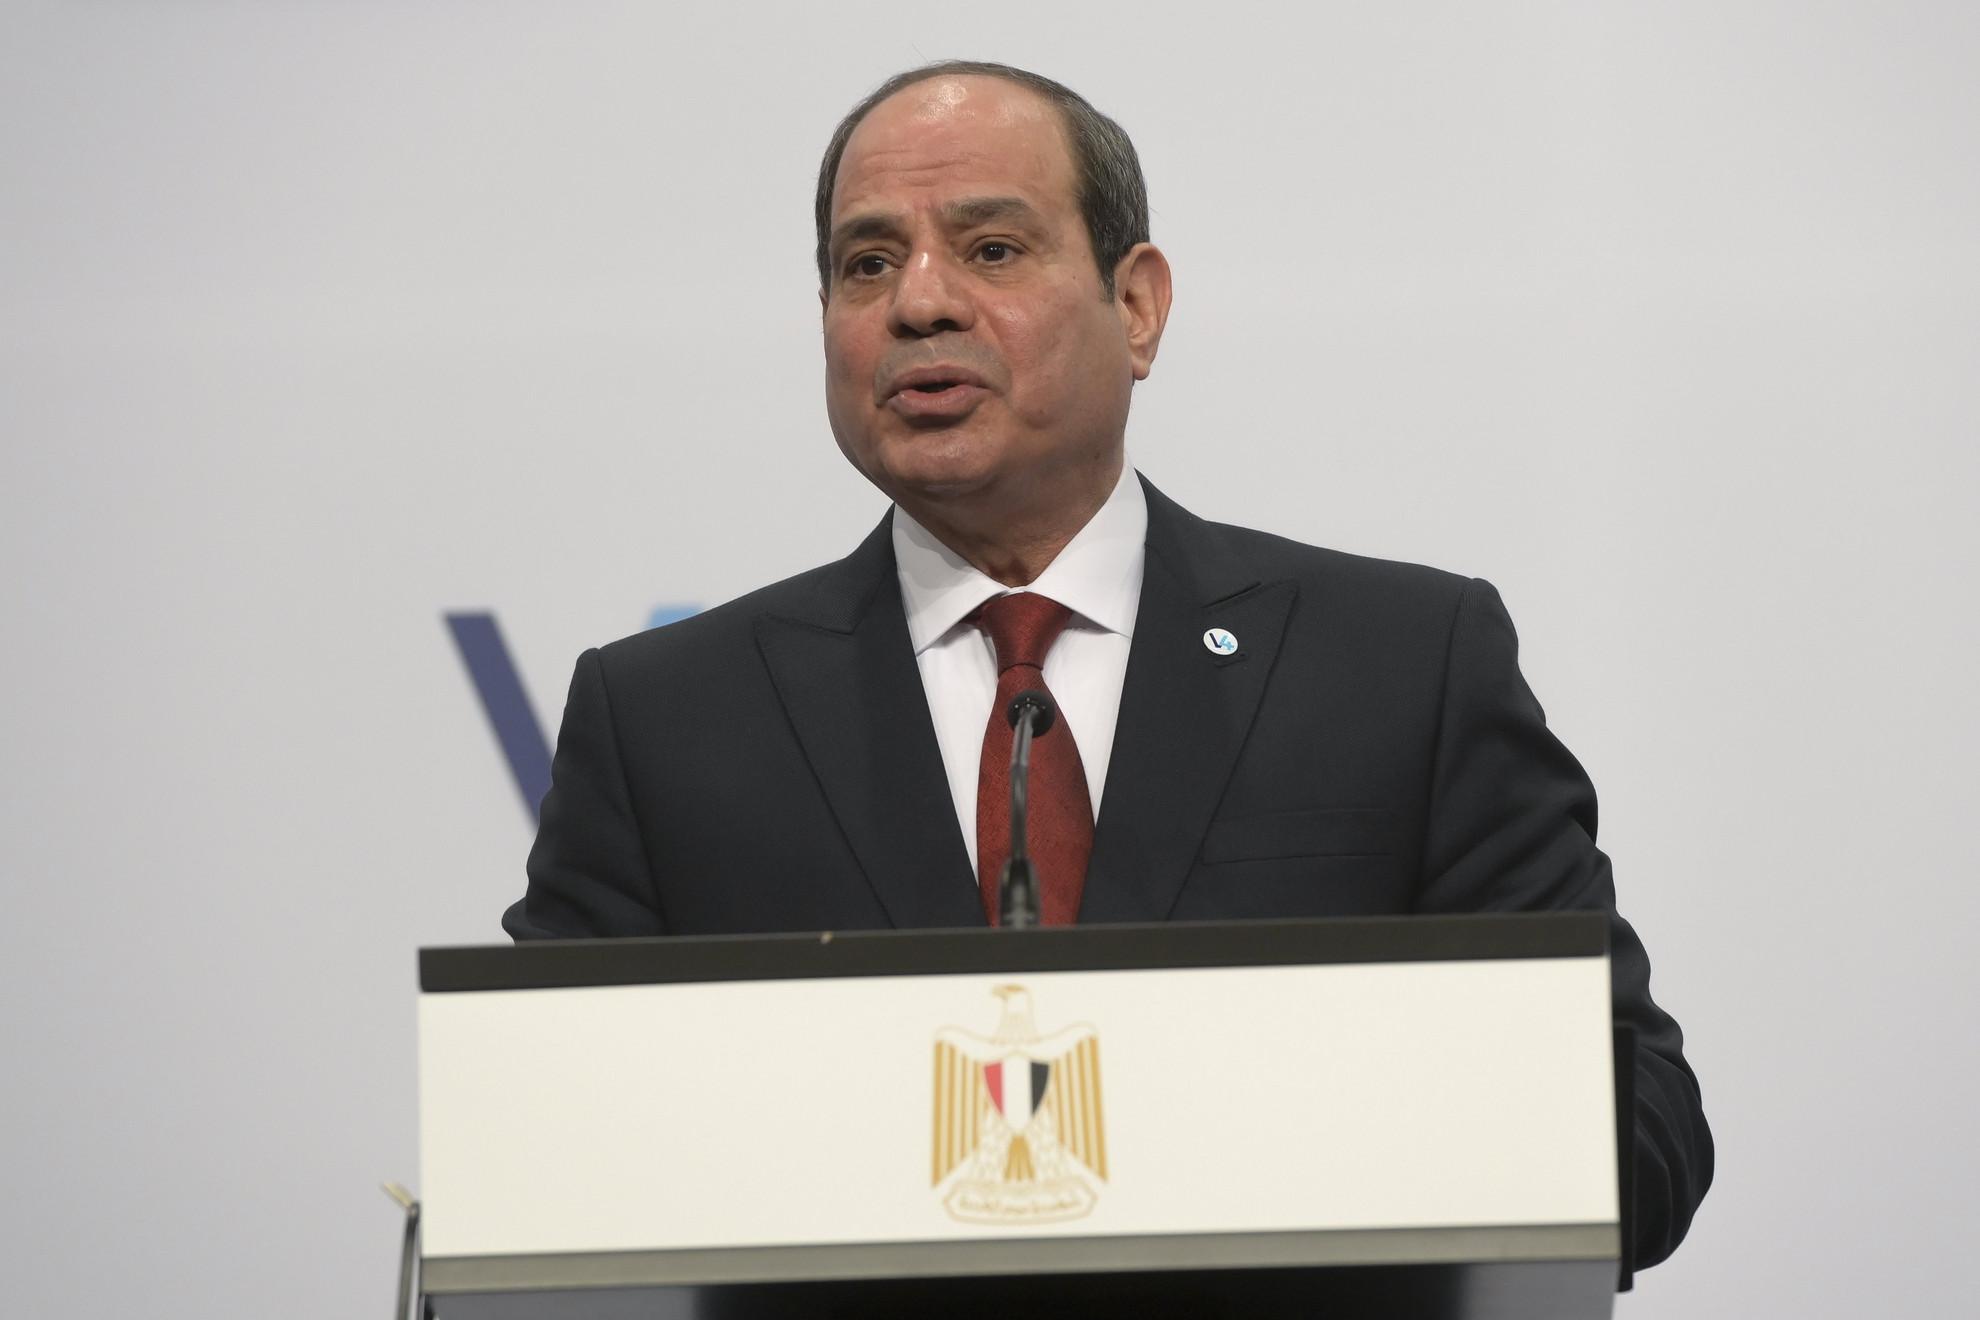 Abdel-Fattáh esz-Szíszi egyiptomi elnök a V4-Egyiptom csúcstalálkozó utáni sajtónyilatkozaton, a Várkert Bazárban